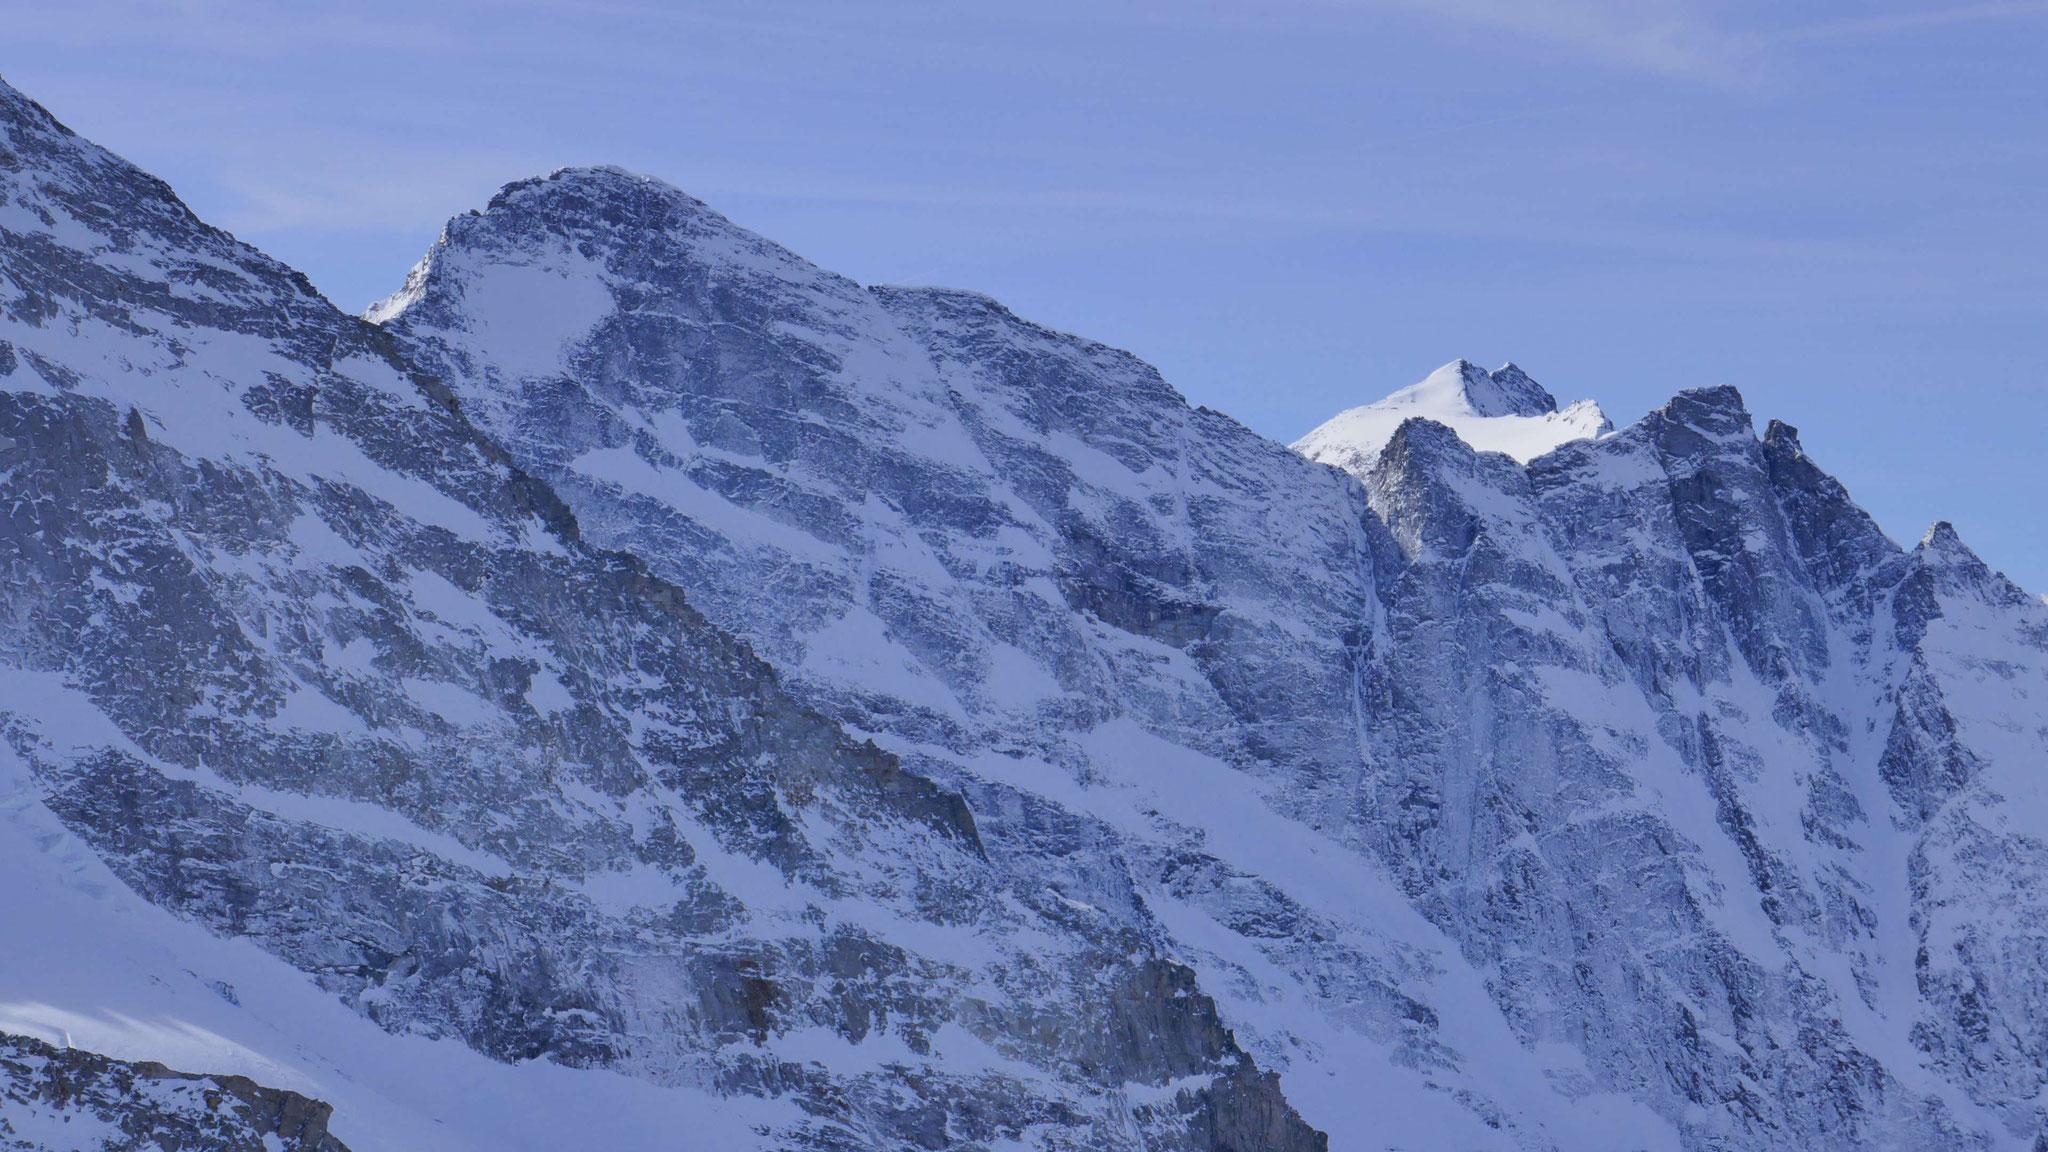 Schrammacher Nordwand - Sagwandspitze - Hohe Wand